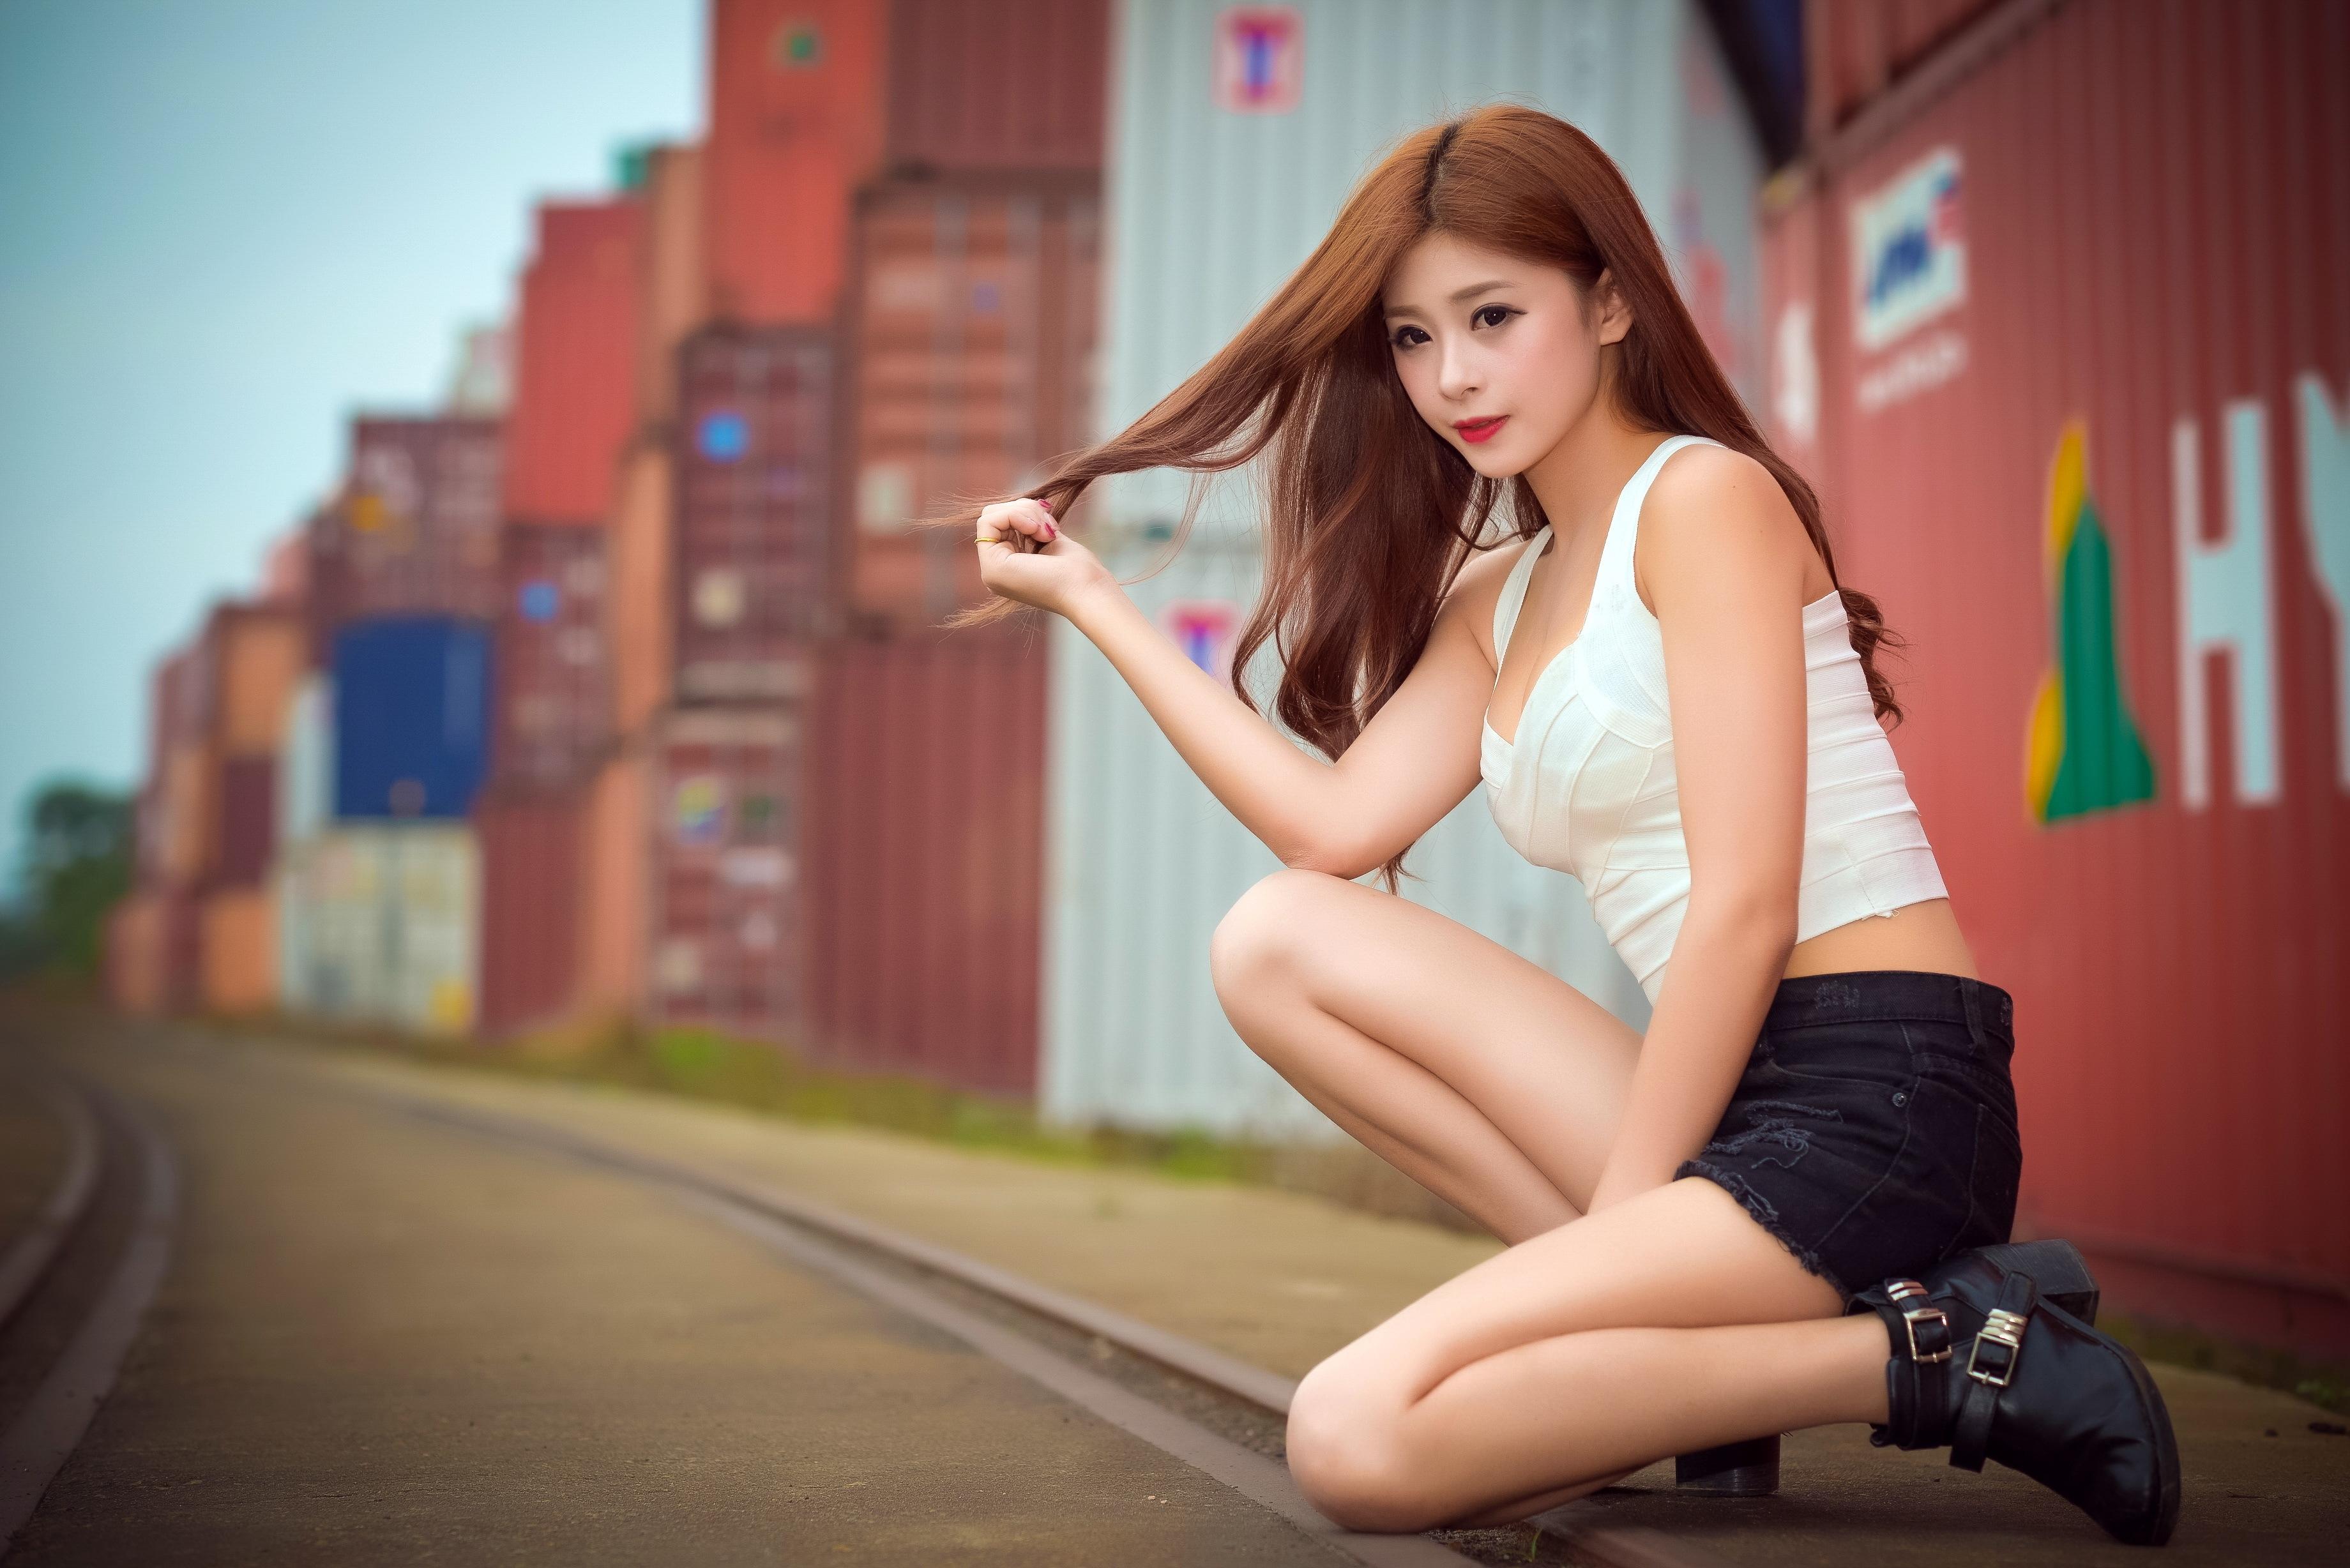 дешевые девушки азиатки сотни